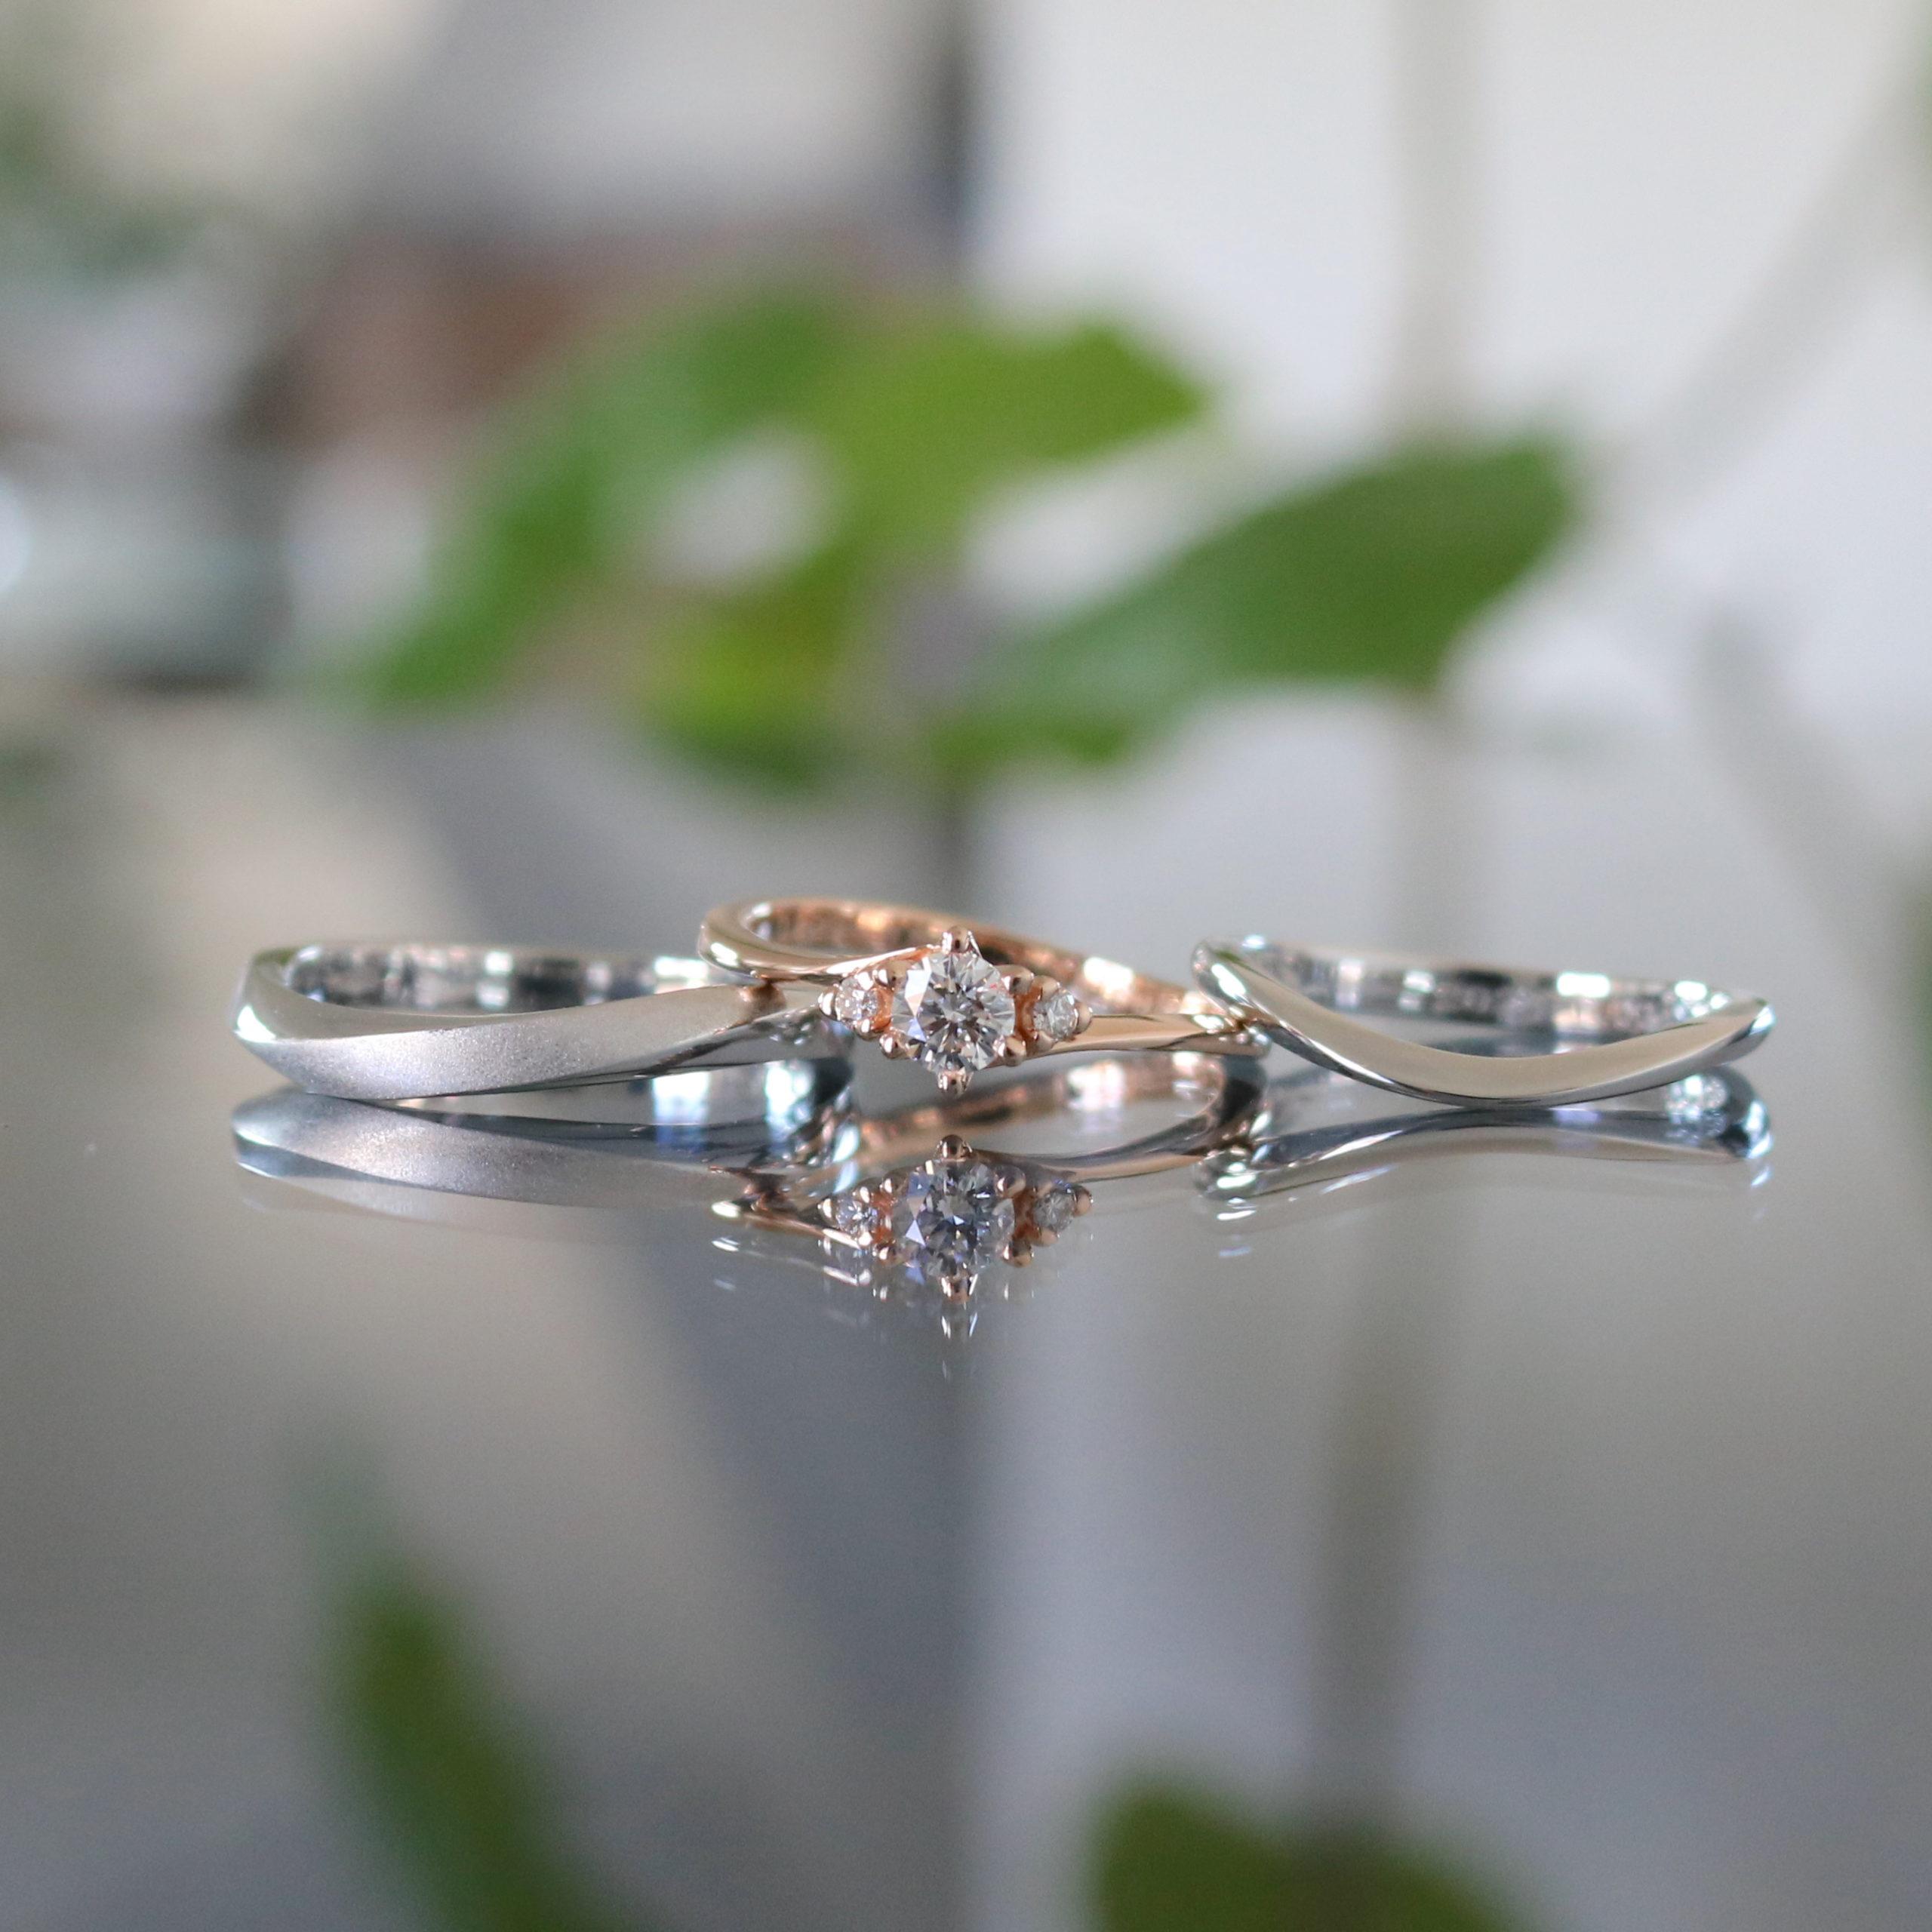 カーブの形状でお揃いにした結婚指輪と、重ね付けを大切にした婚約指輪